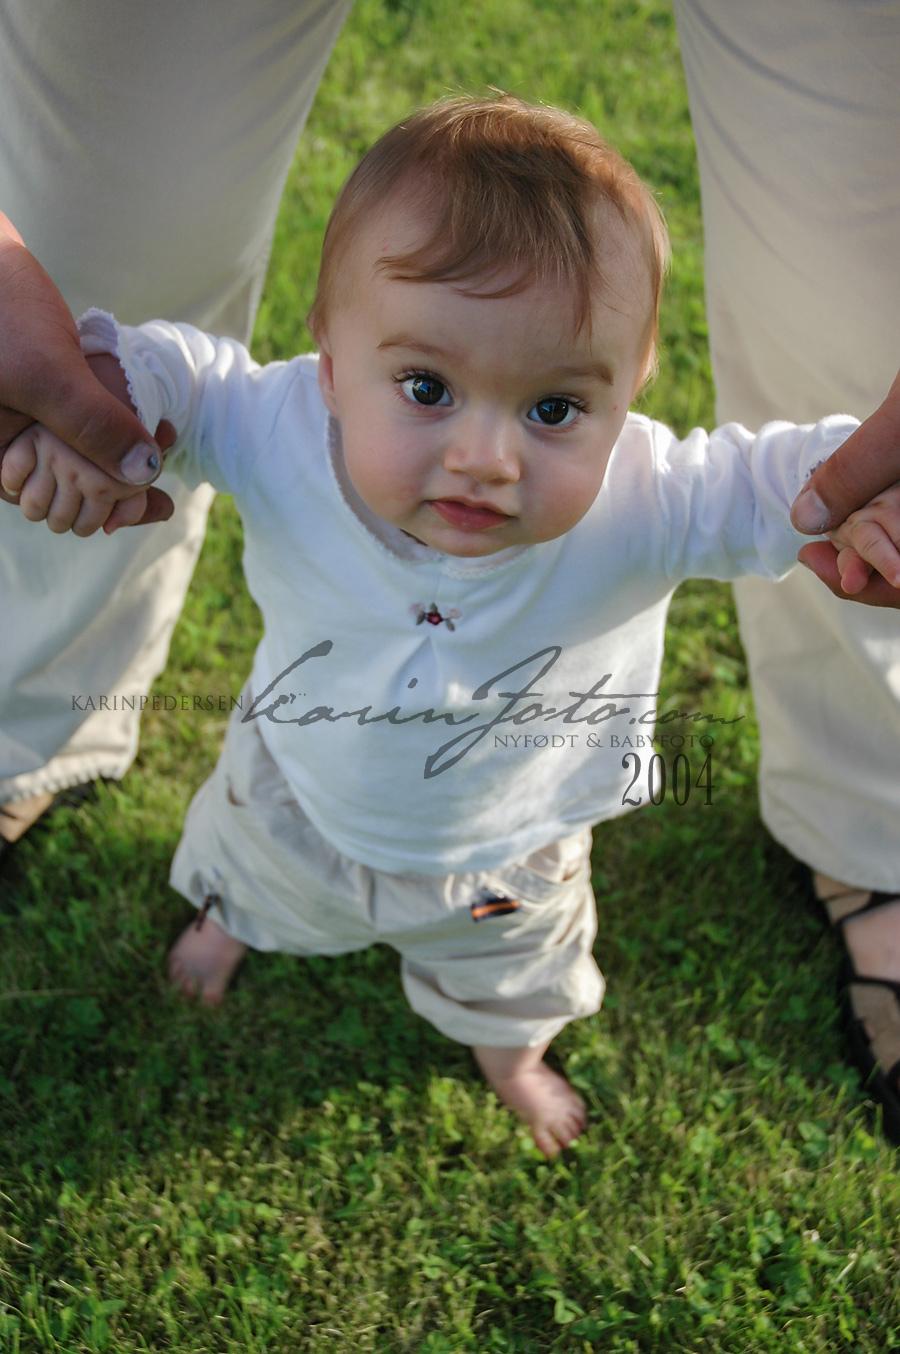 karinfoto_com_baby_2004_datter